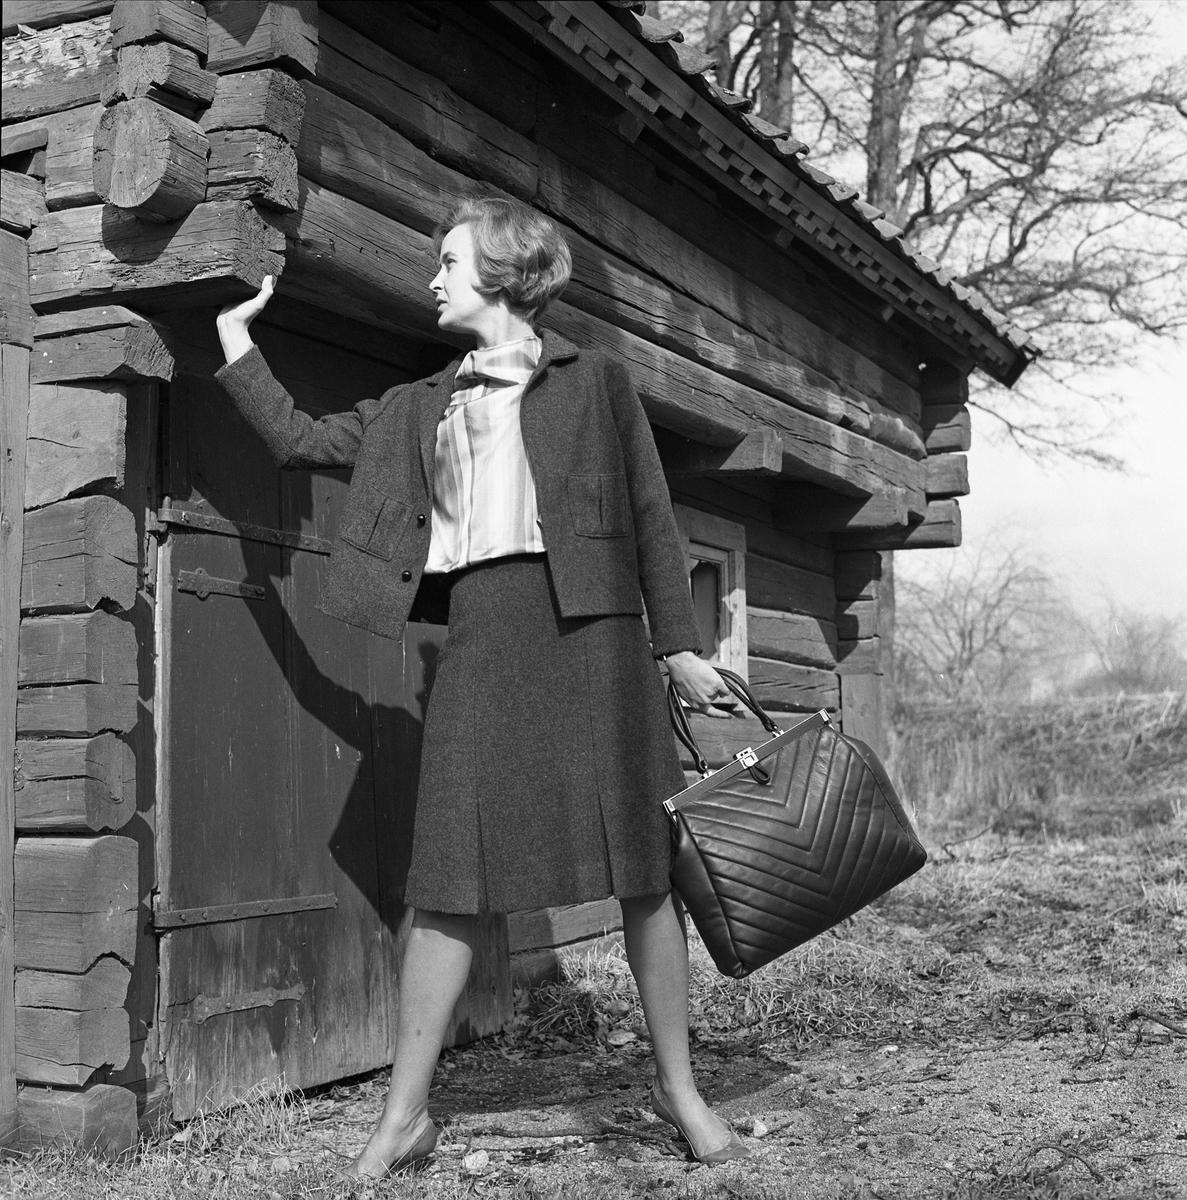 Ateljé Touché. Britt-Marie Utterström visar mode. Kvinna iklädd dräkt. Hon har en stor väska i handen. Bilden är tagen utomhus intill en äldre timmerbyggnad. Britt-Marie drev ateljén tillsammans med Marianne Rosenkvist